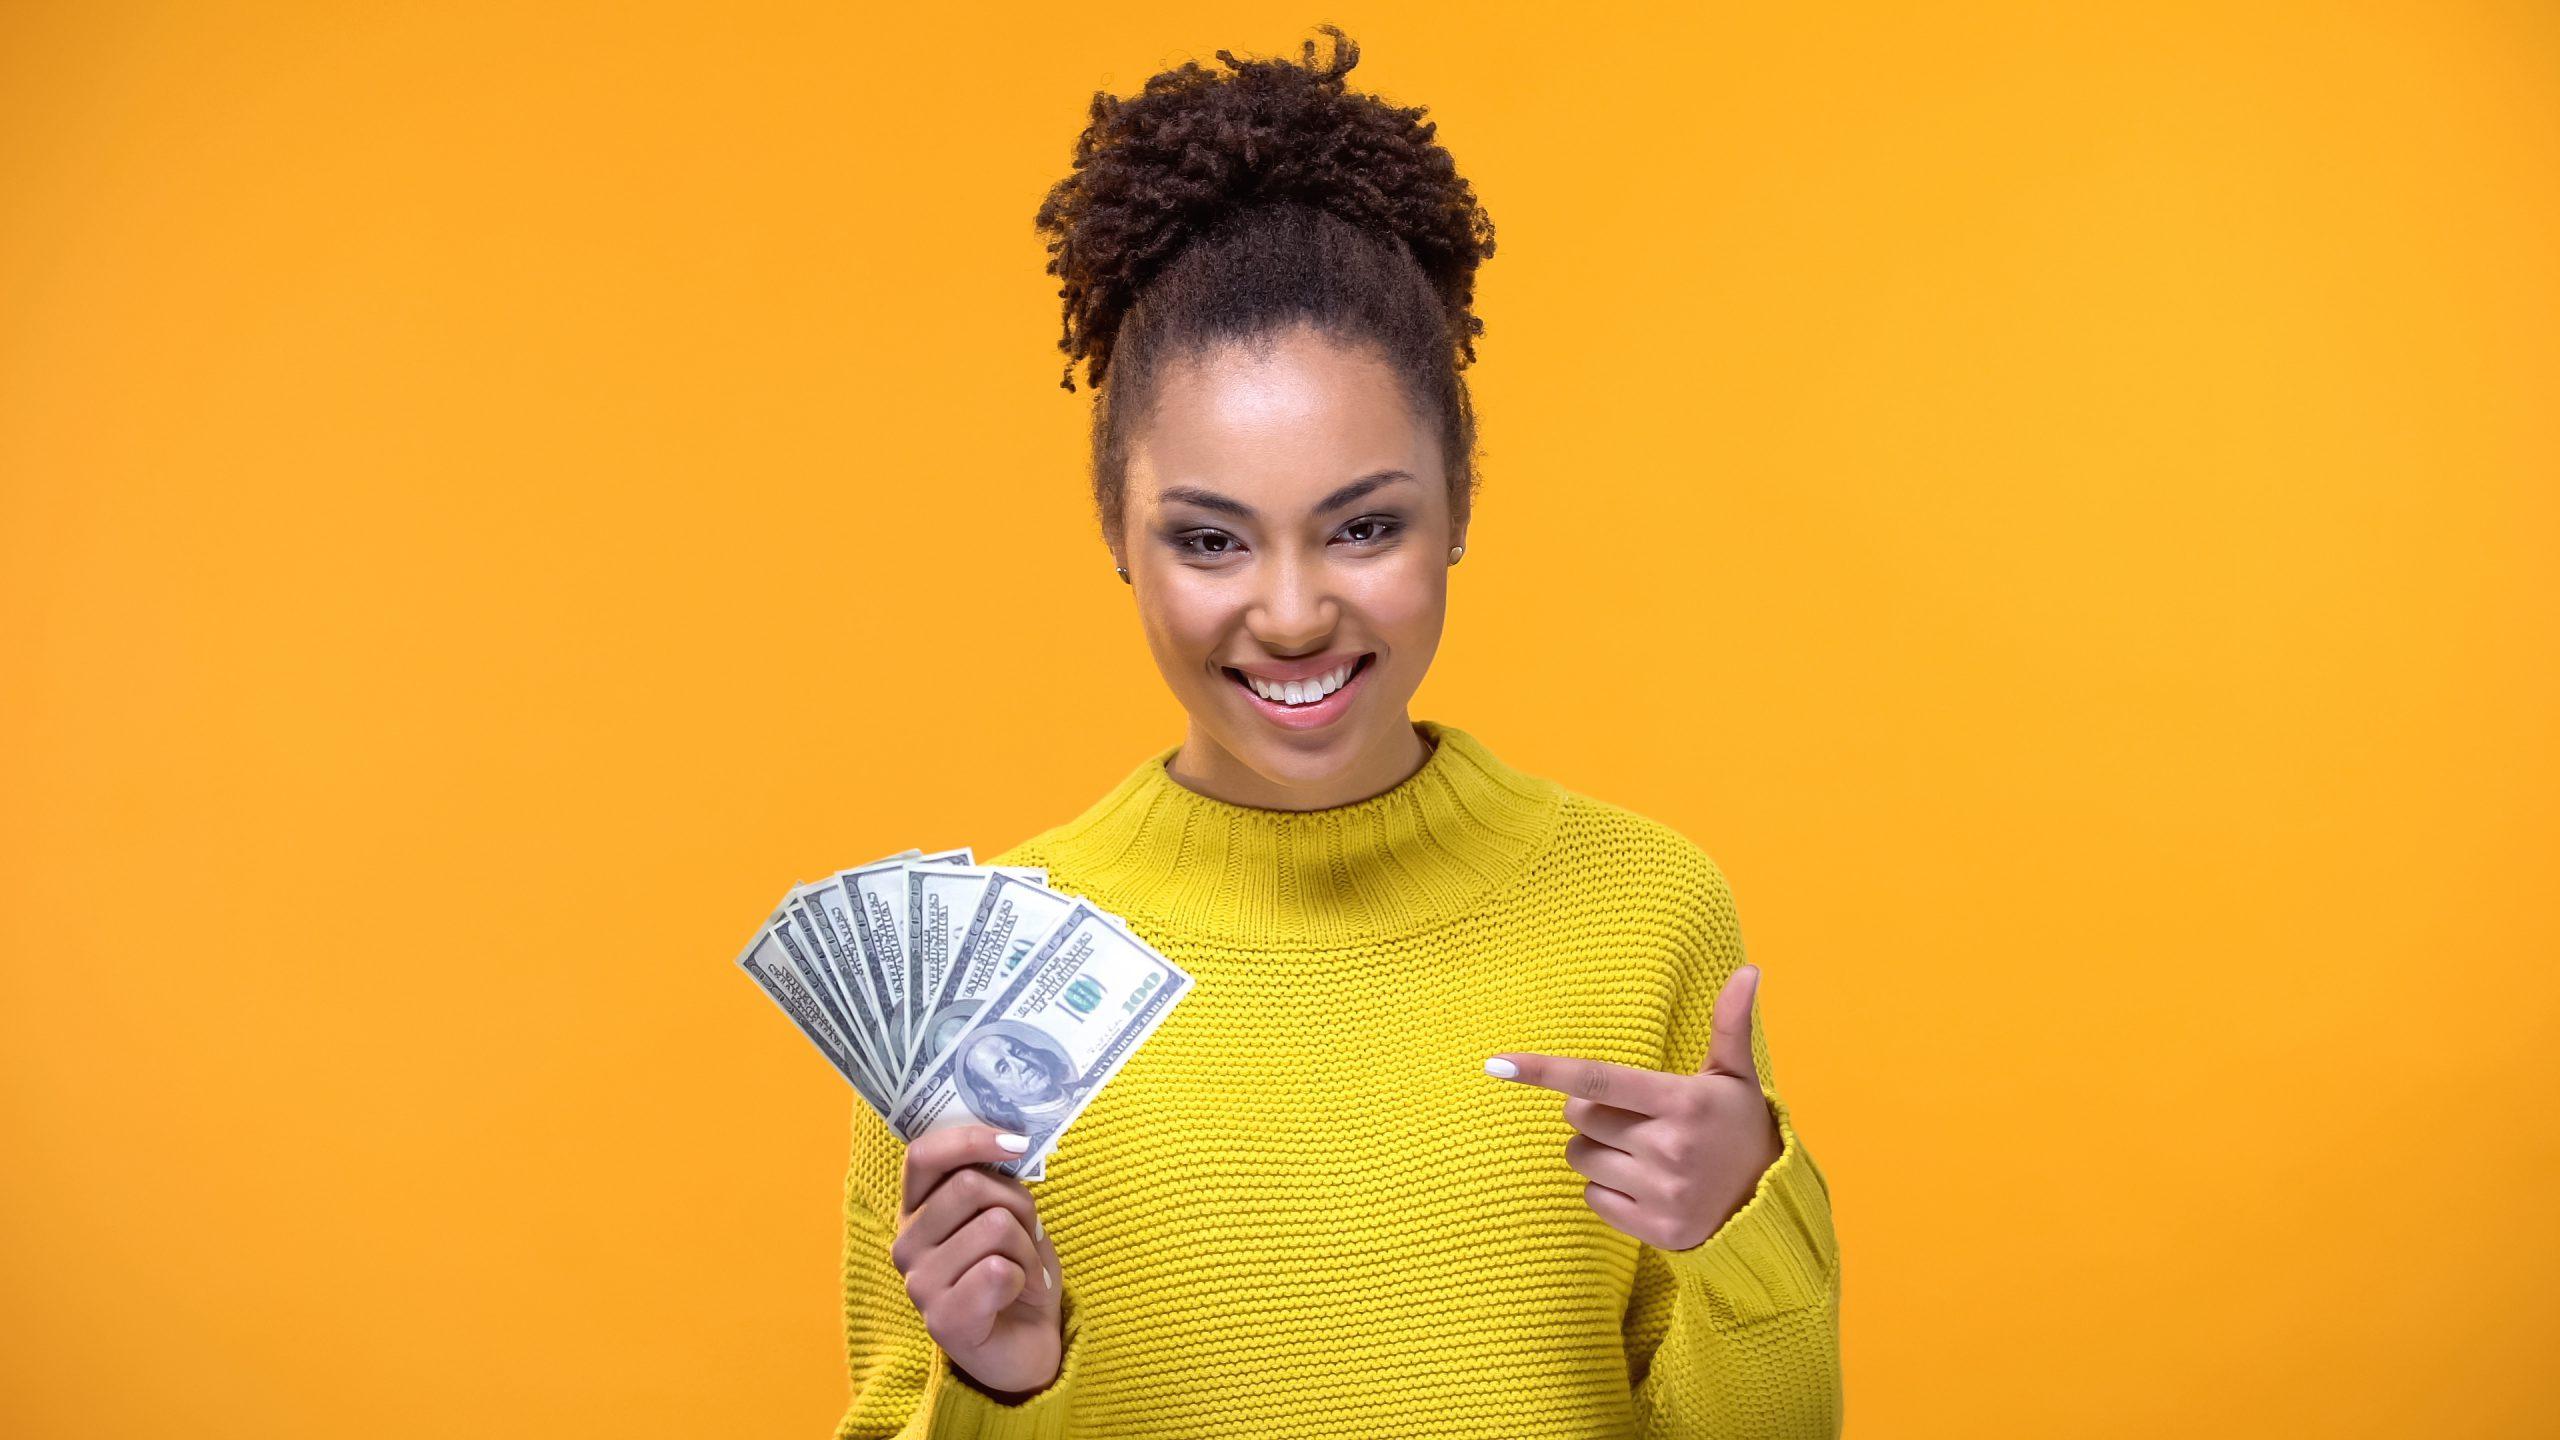 Pożyczki pozabankowe pomagają w nagłych wydatkach polaków